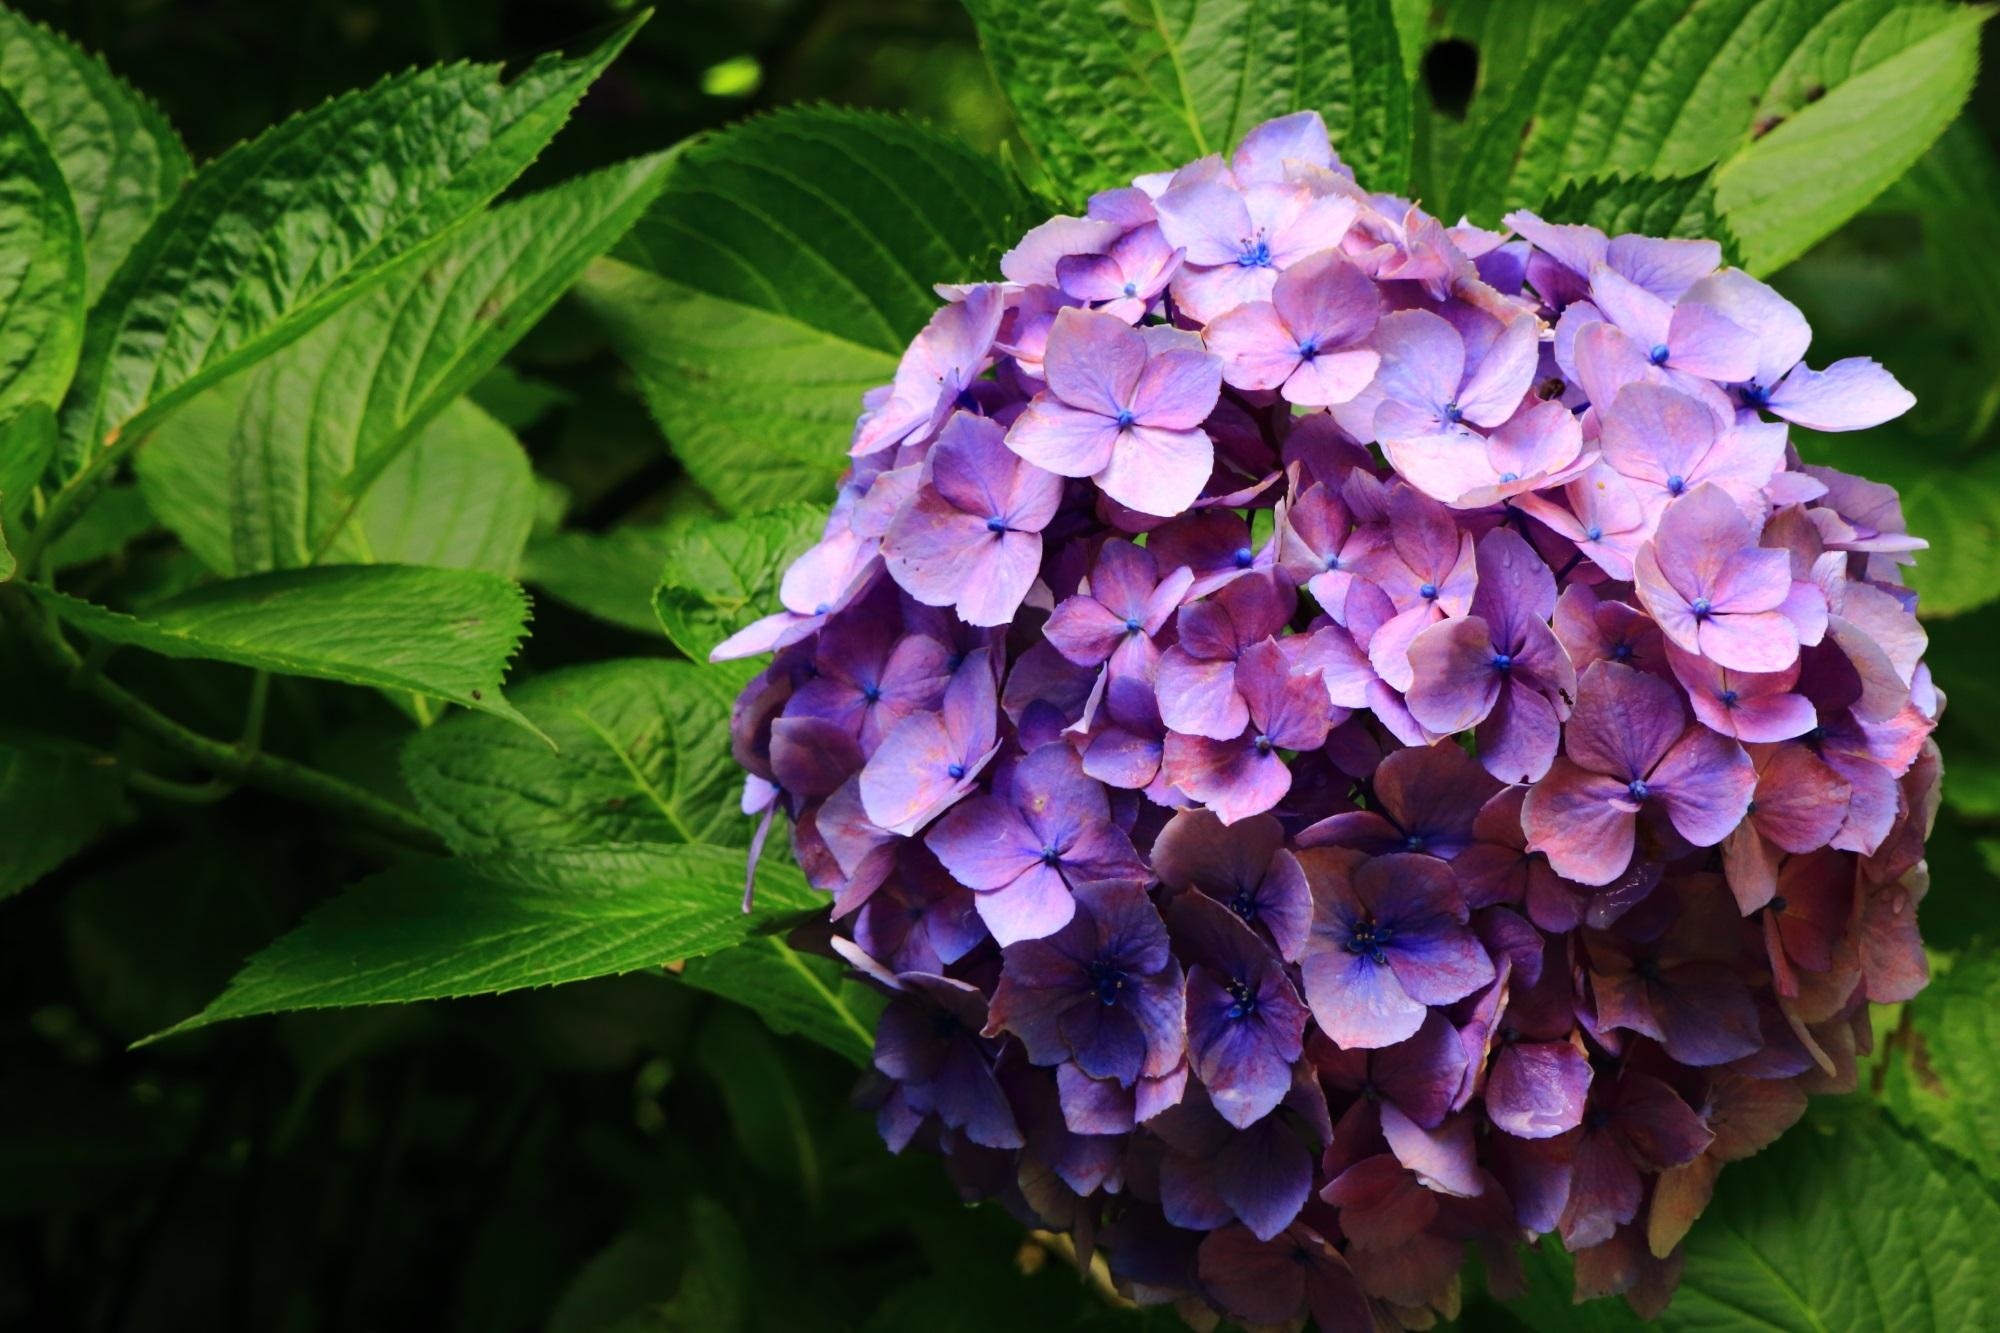 鮮やかな緑の葉に映える艶やかな紫の紫陽花